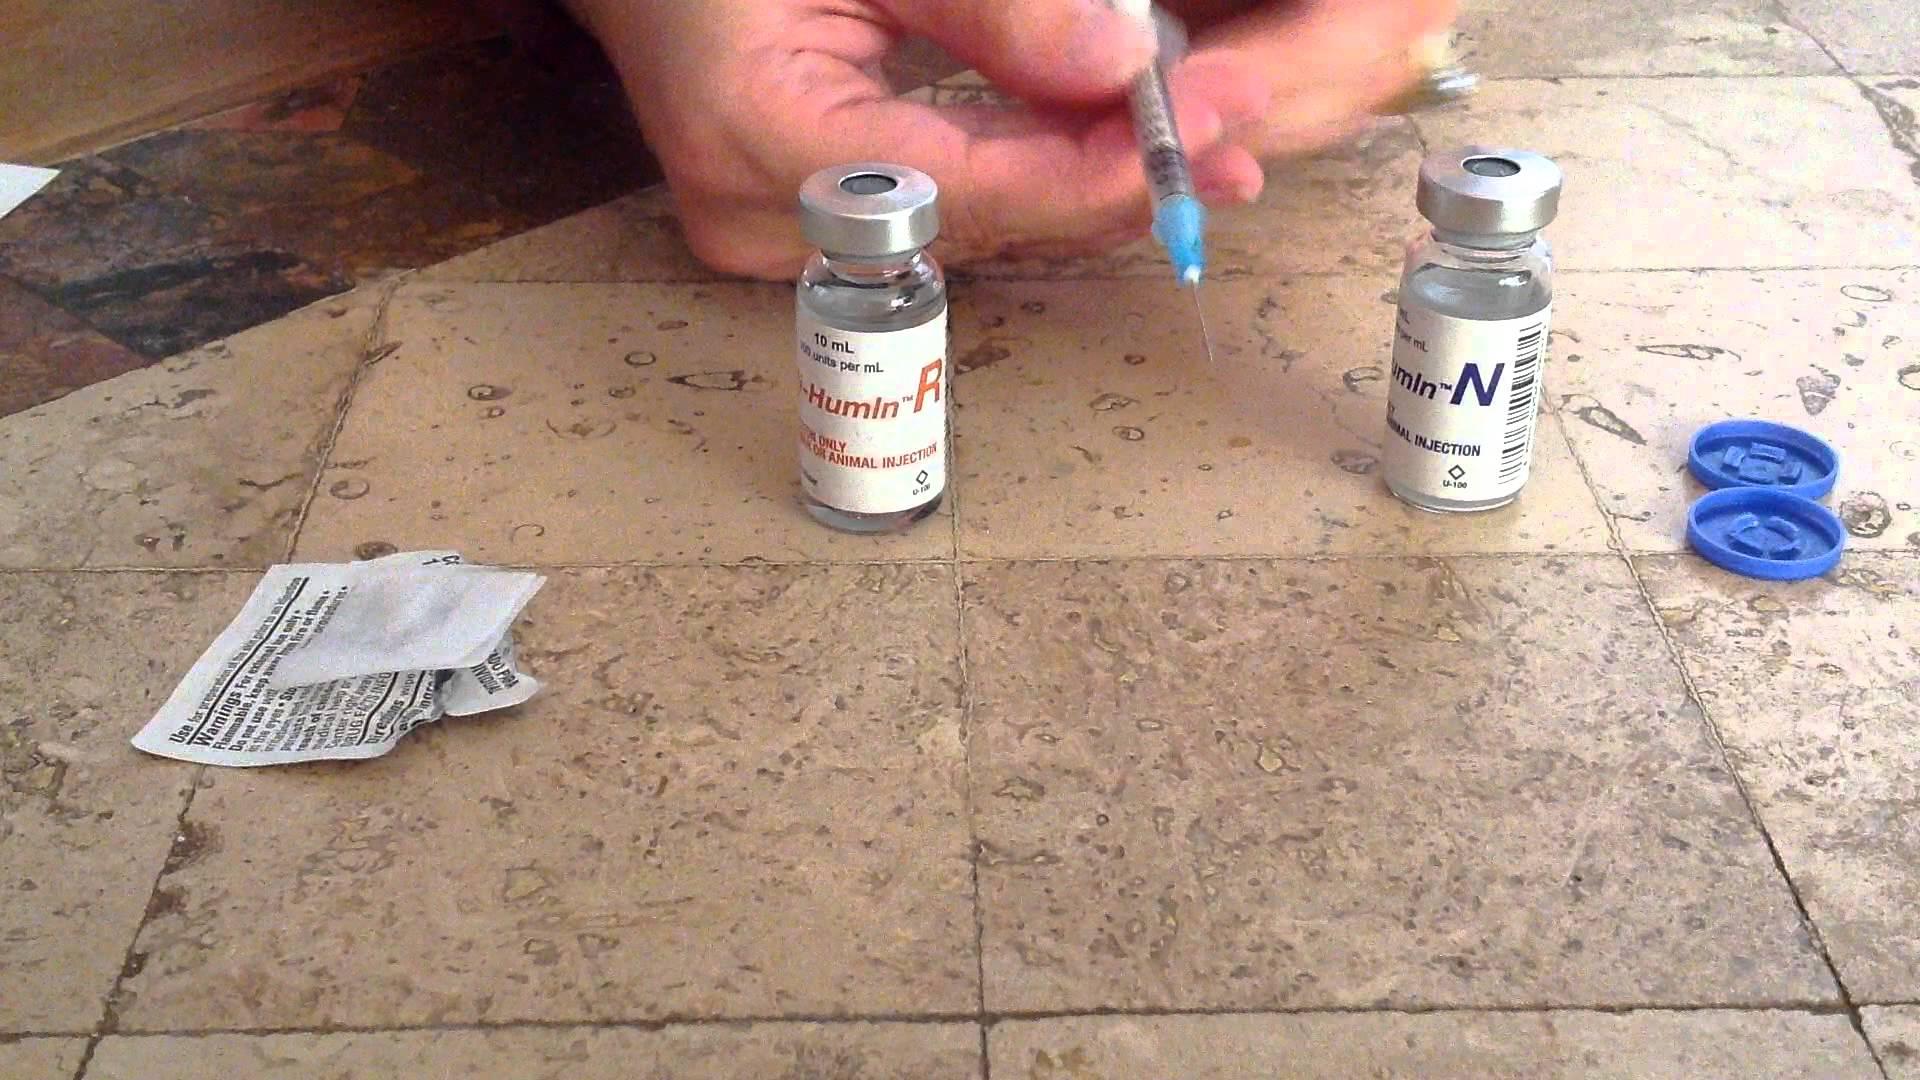 Mixing Insulin